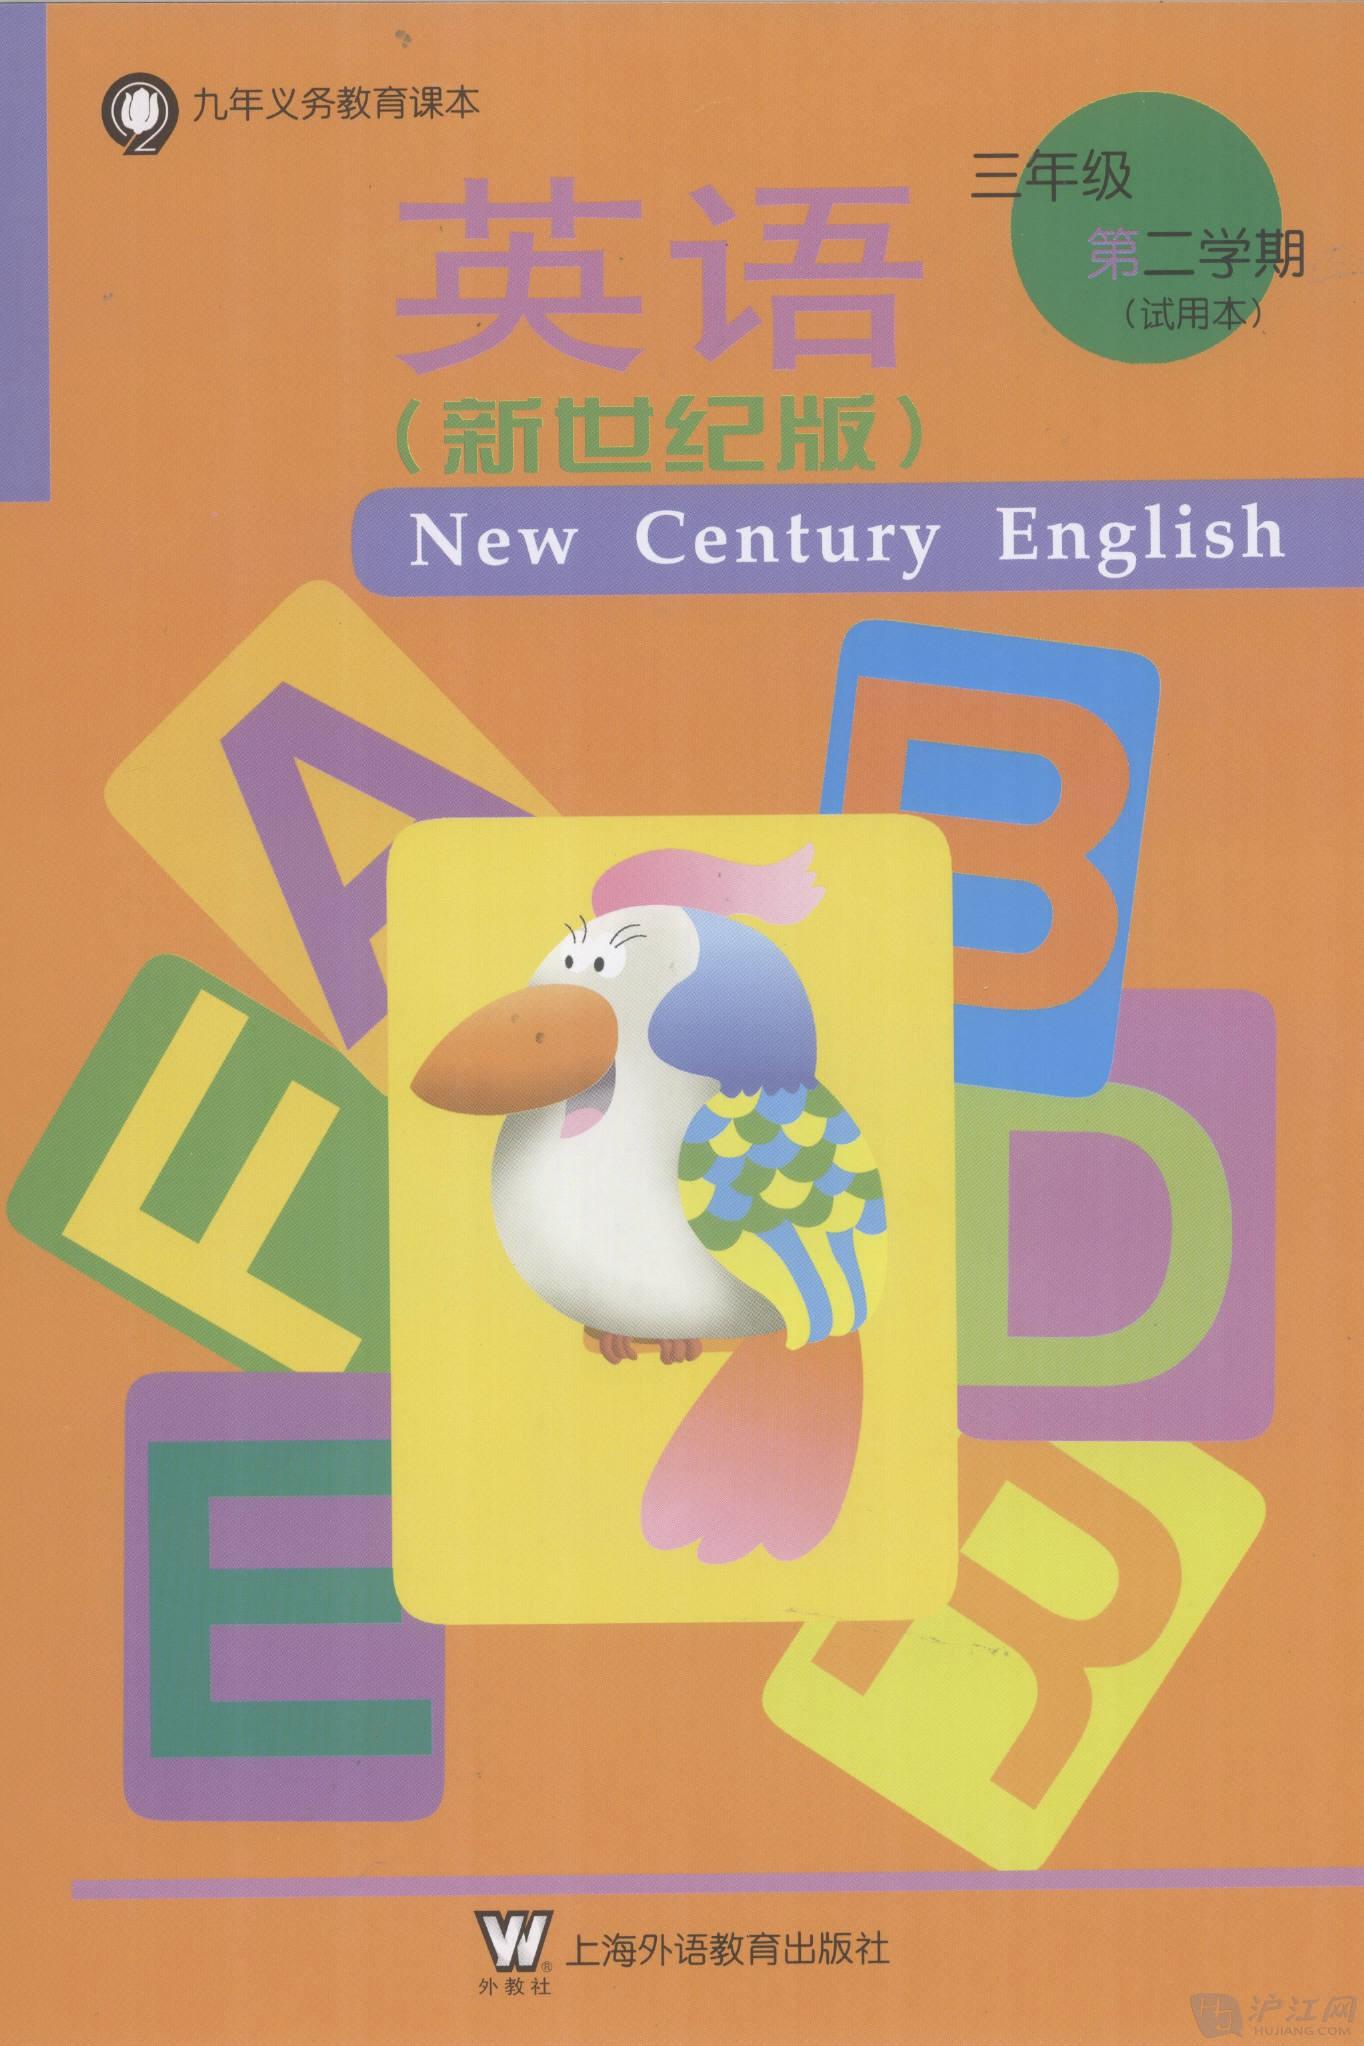 上海新世纪英语课本 小学三年级下册 高清图片